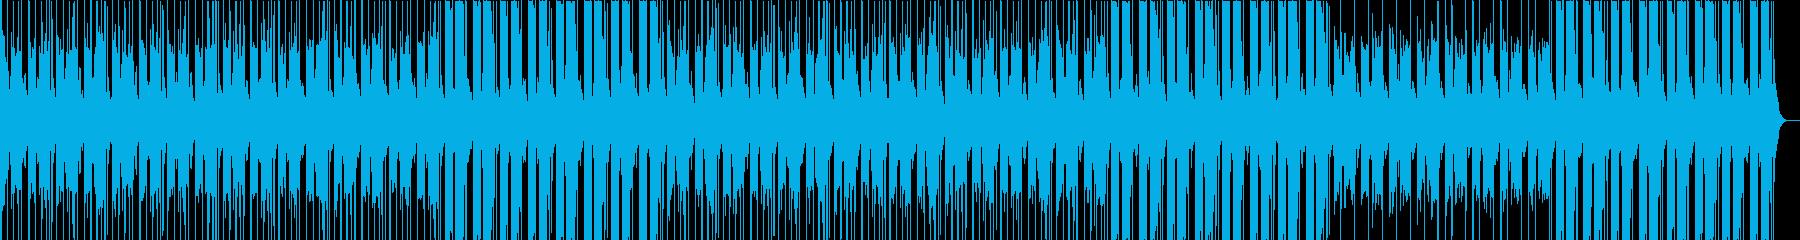 真冬の夜を感じるメローなチルホップの再生済みの波形